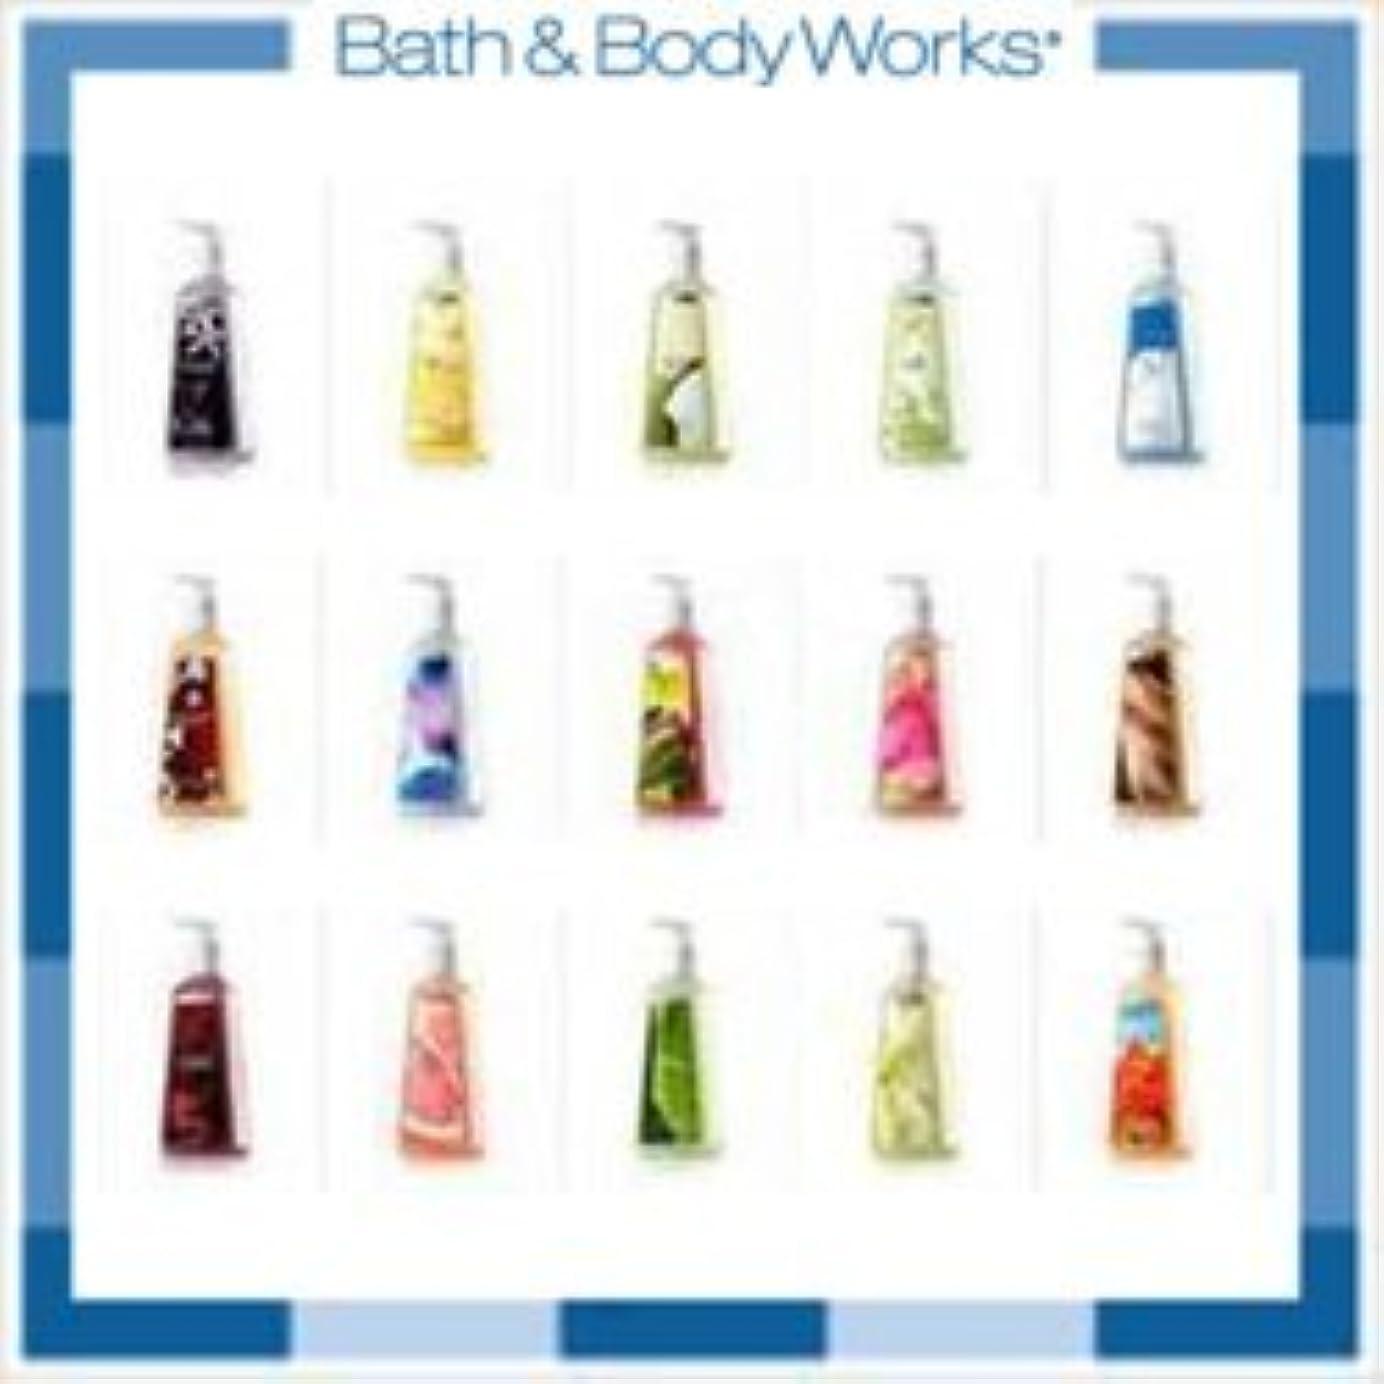 ほかに名門憂鬱なBath and Body Works ハンドソープ ディープクレンジング 12本詰め合わせセット[海外直送品]